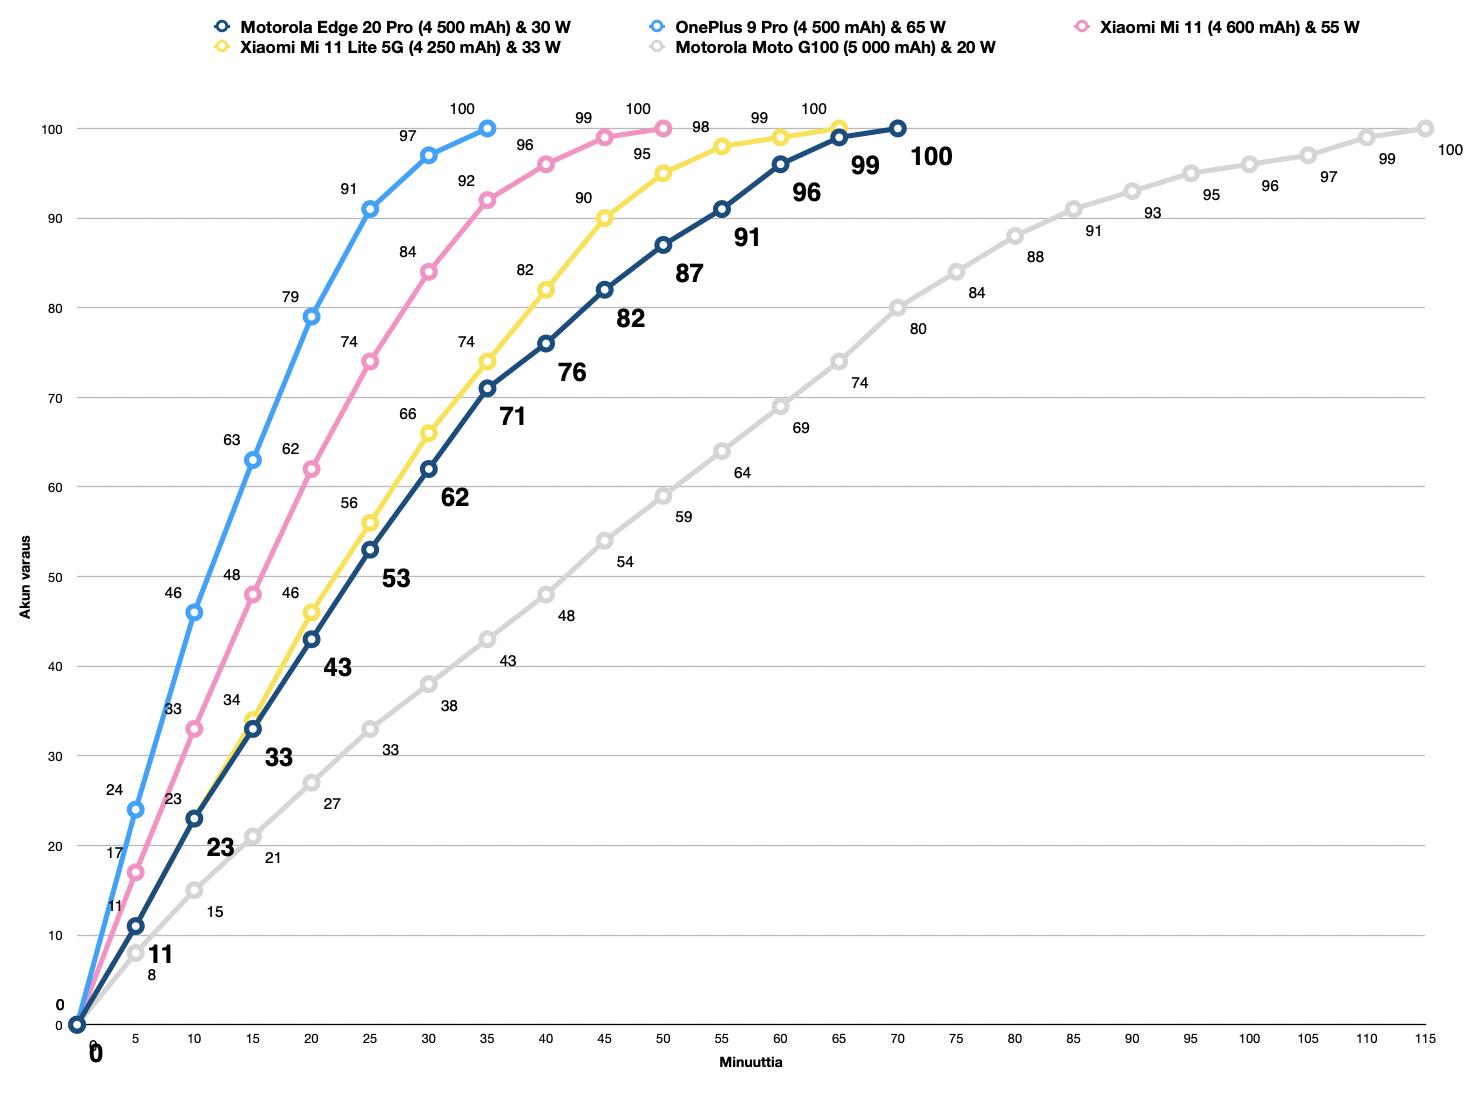 Motorola Edge 20 Pron latausnopeus verrattuna muutamiin muihin älypuhelimiin.